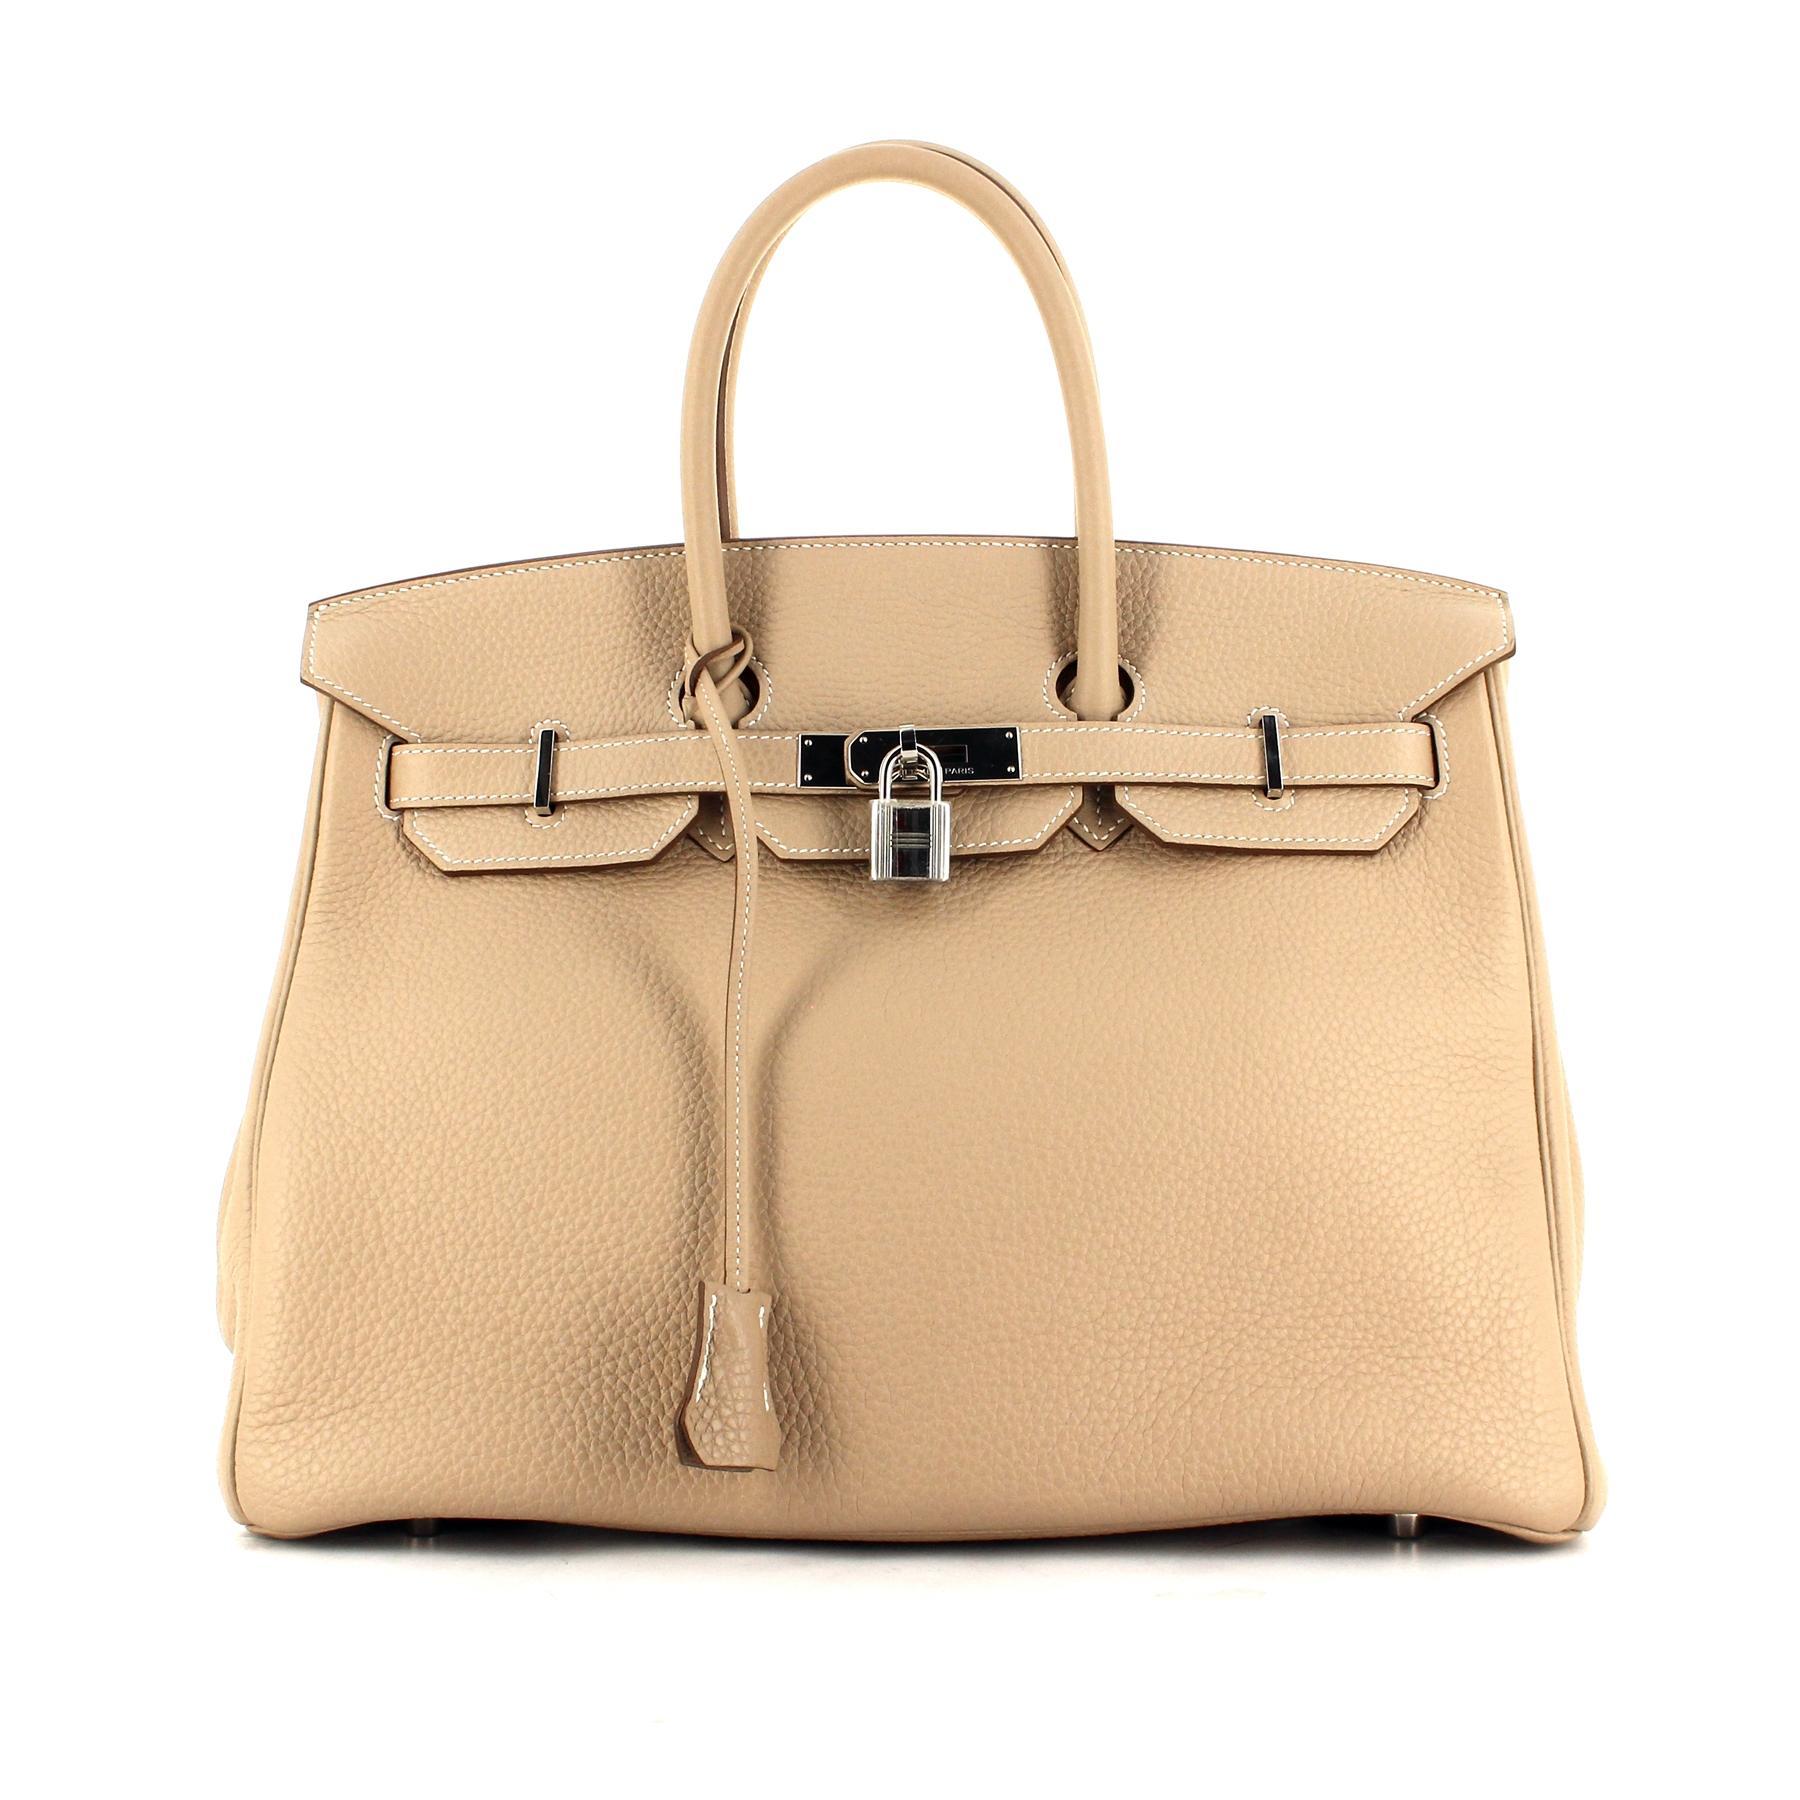 43589c6aa8 Pourquoi les objets de luxe prennent-ils autant de valeur ? - Madame ...